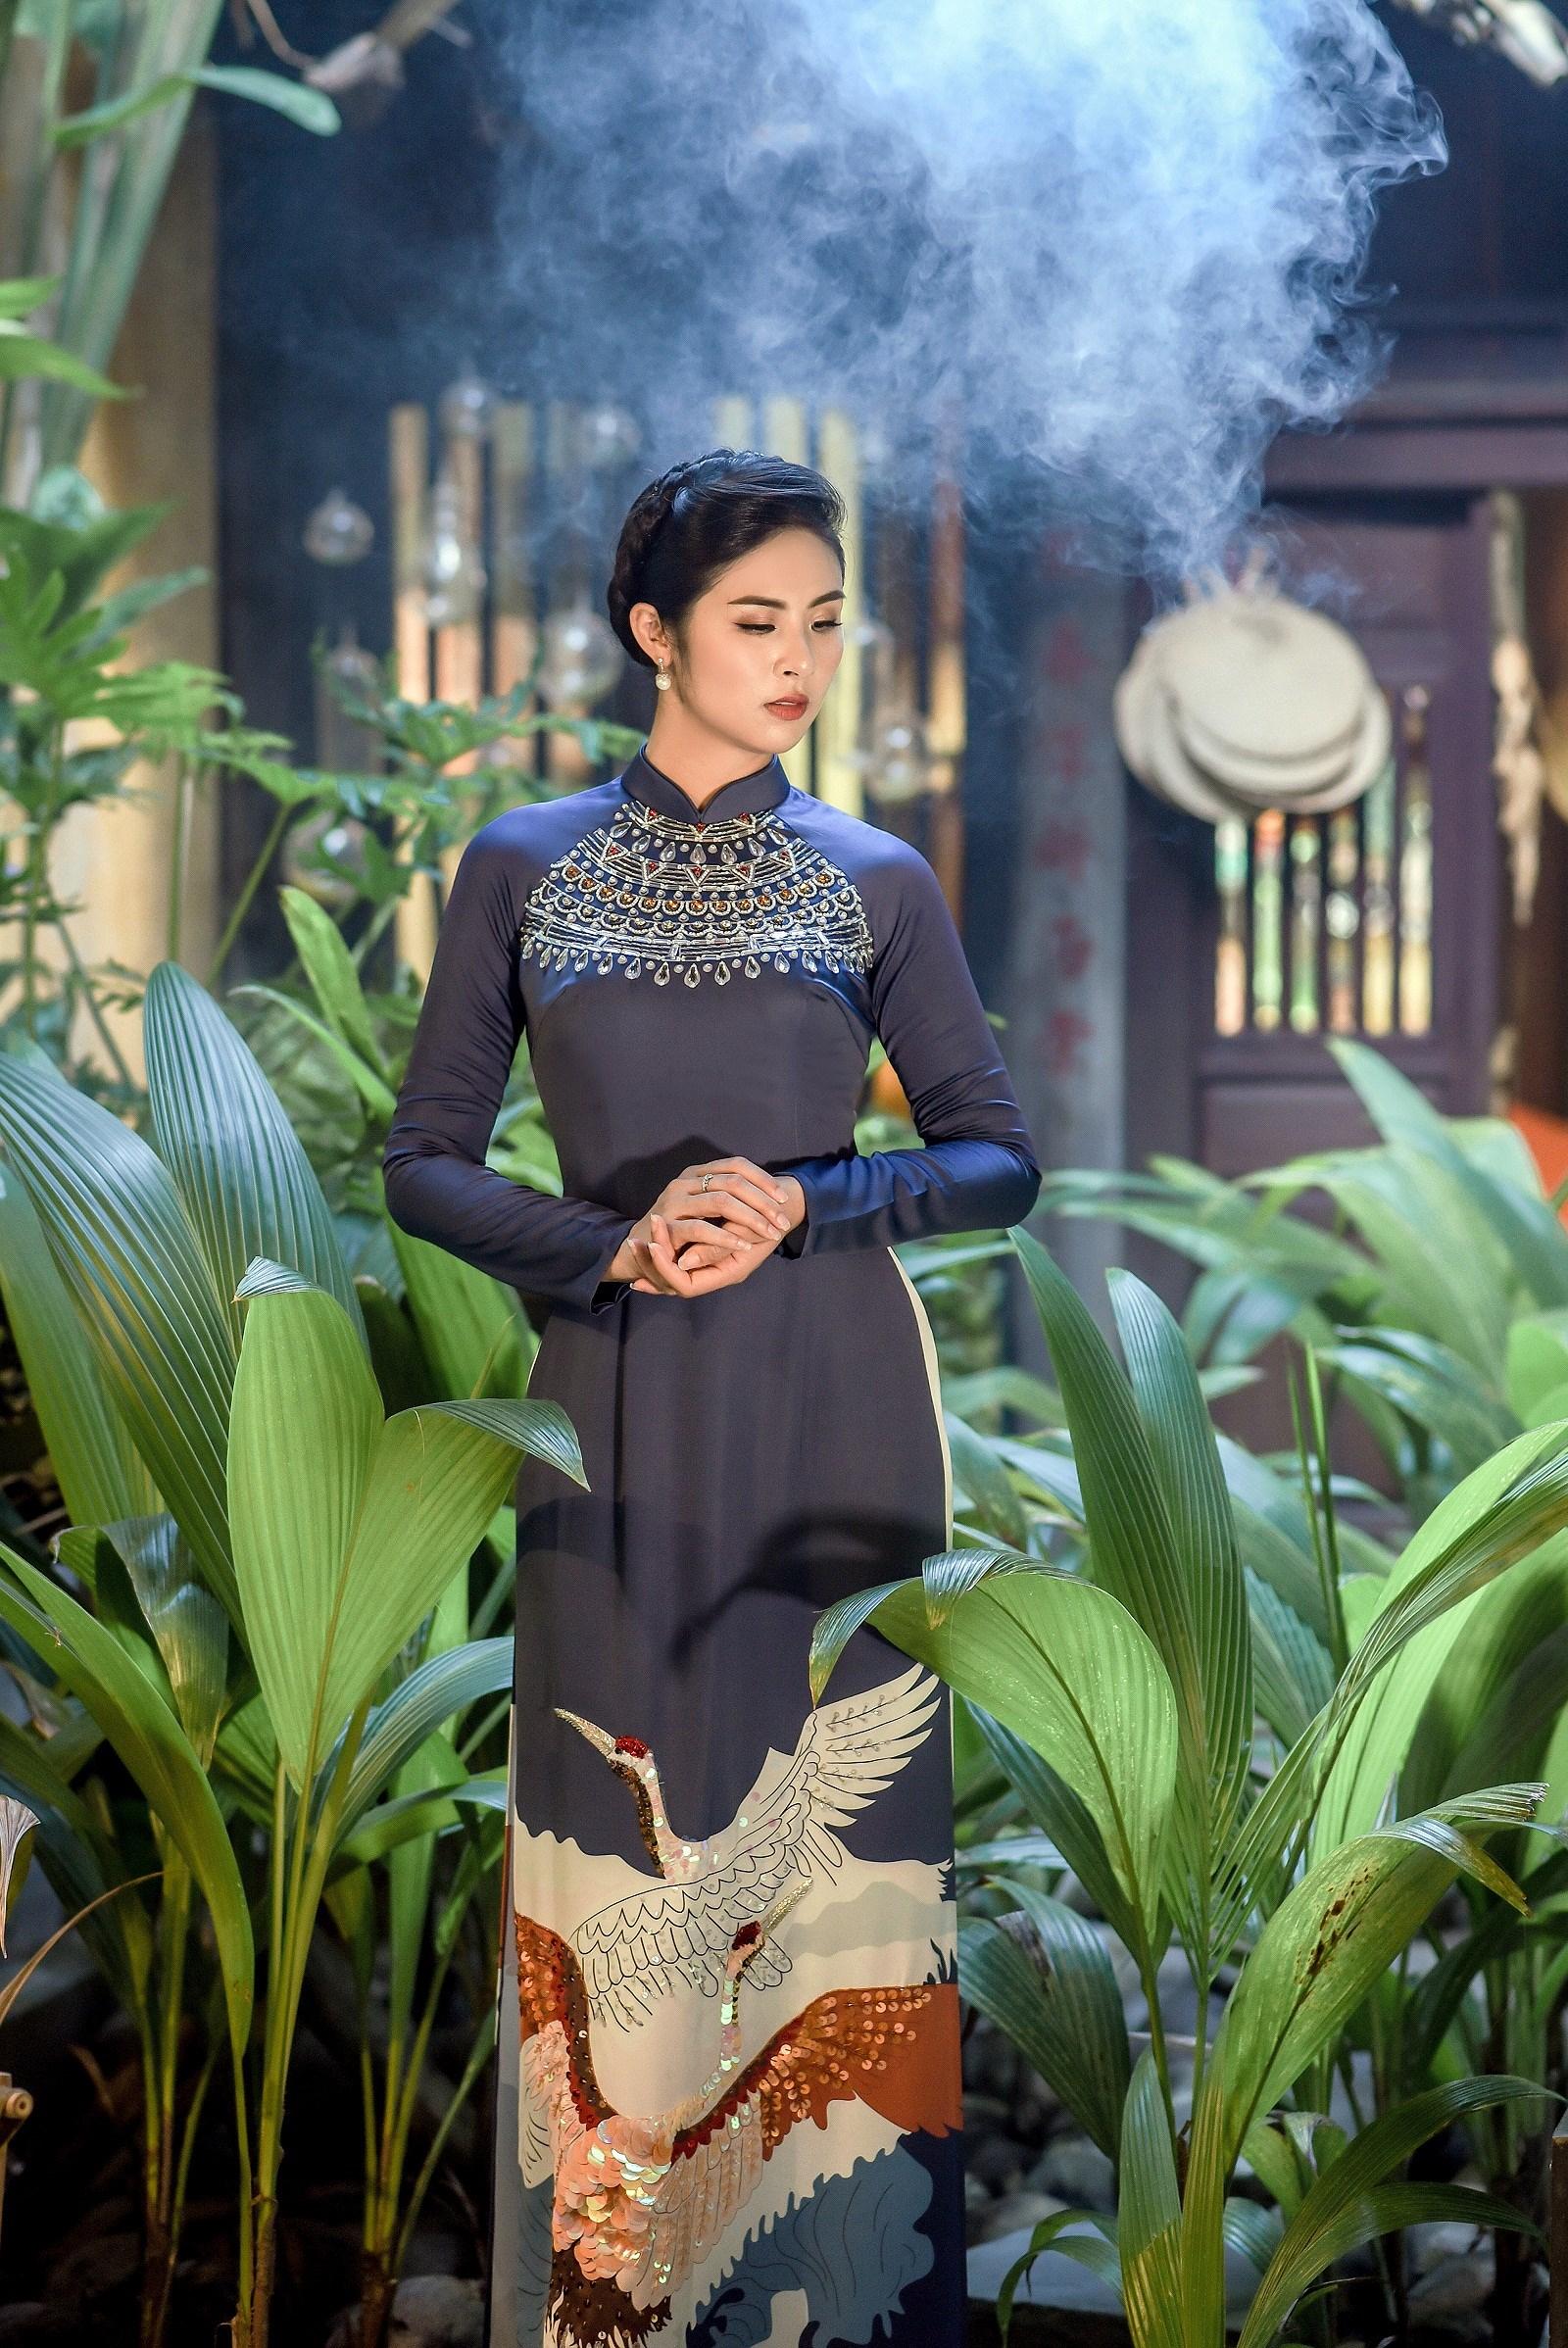 Hoa hậu Ngọc Hân thiết kế áo dài lấy cảm hứng từ cuộc đời Đức Phật Thích Ca Ảnh 7